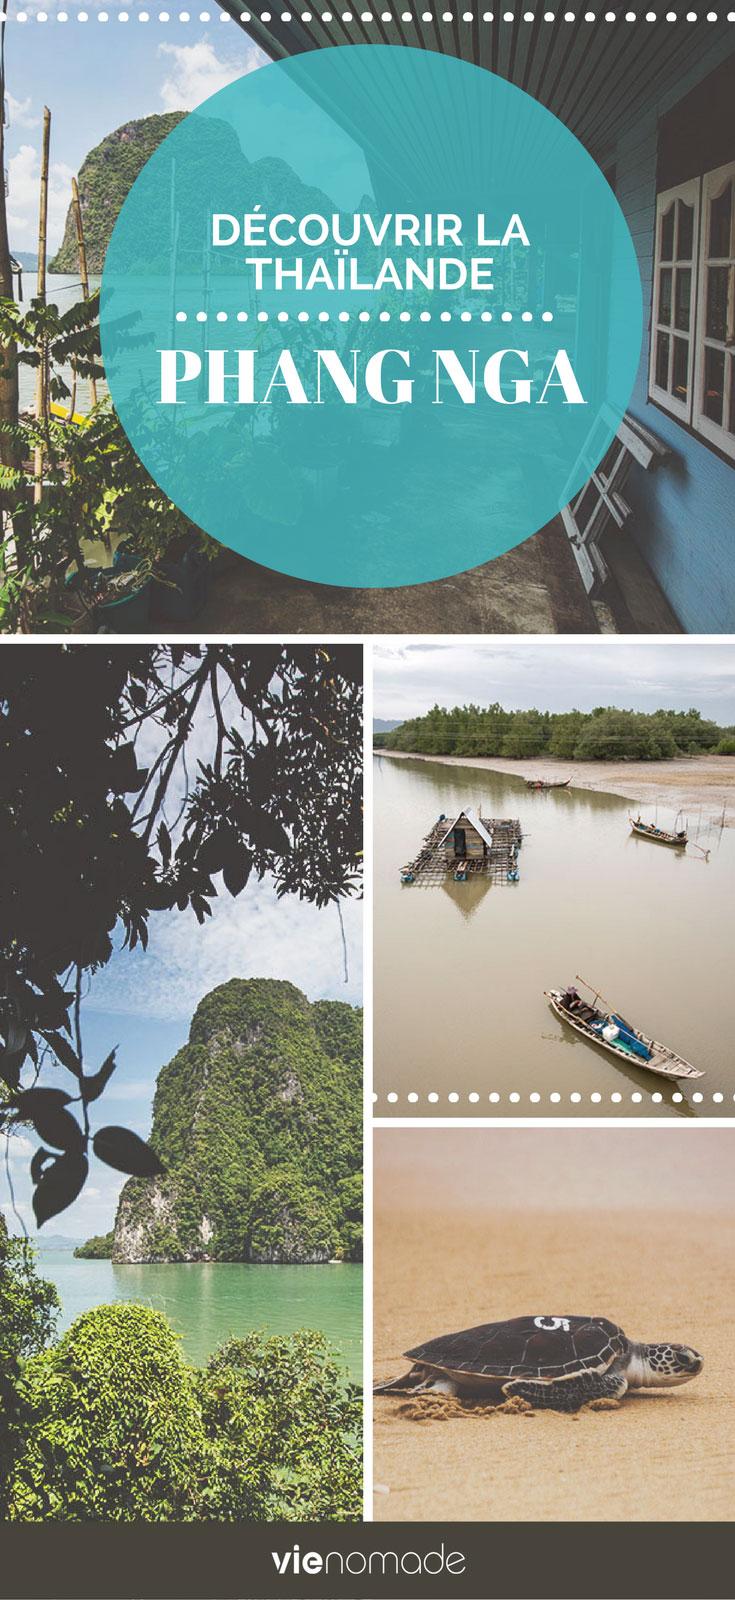 Découvrir la province de Phang Nga en Thaïlande: le guide